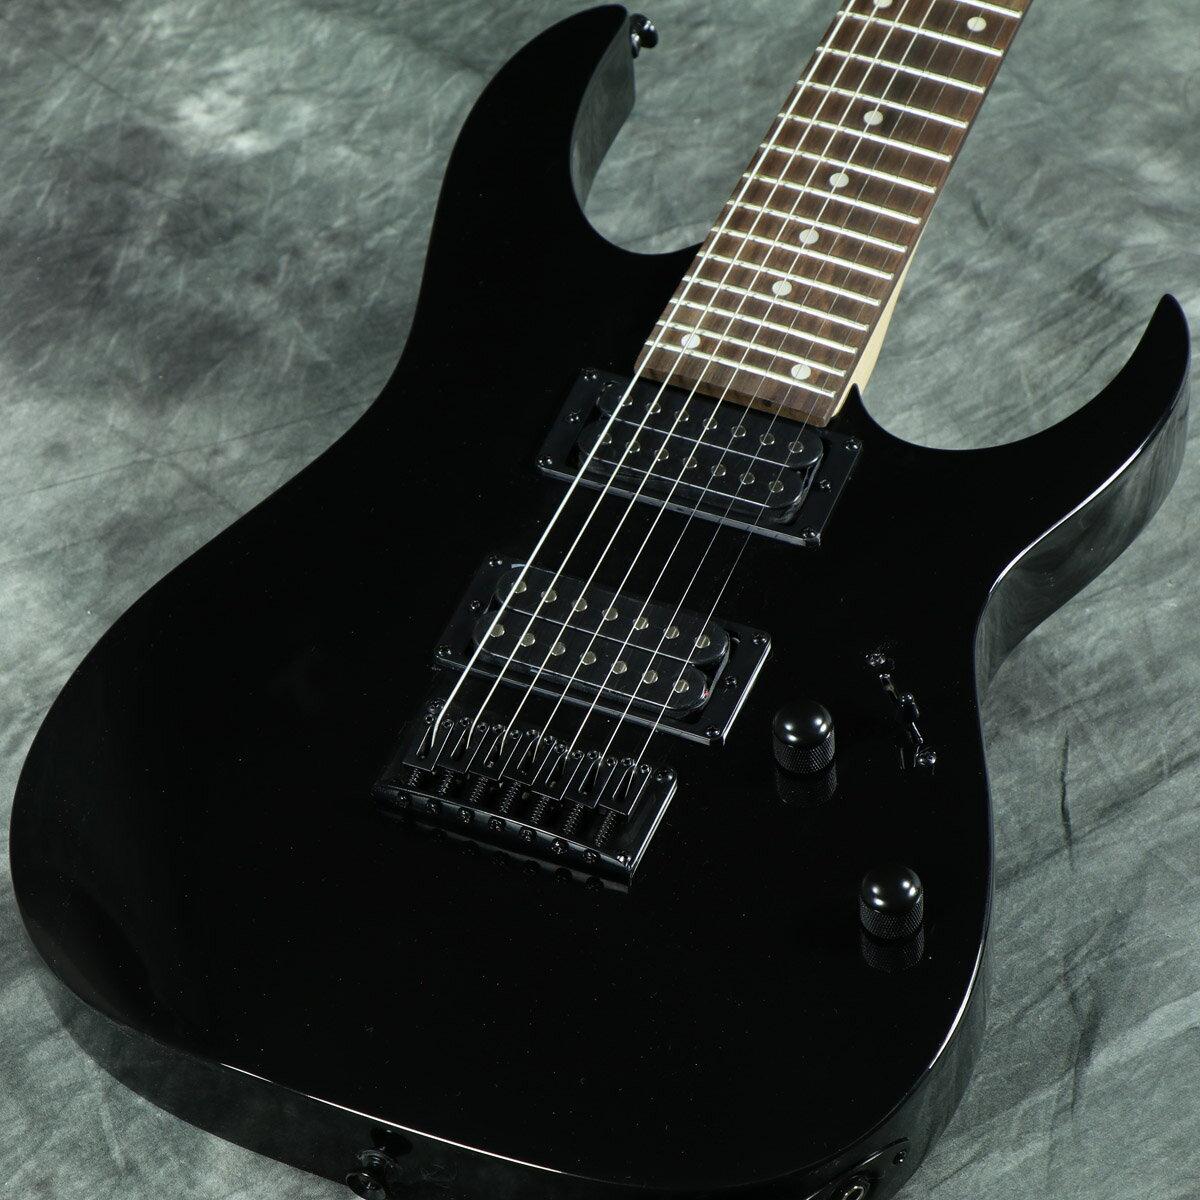 【タイムセール:31日12時まで】Ibanez / GIO Ibanez GRG7221 Black Night アイバニーズ【7弦ギター】【アウトレット大特価品】